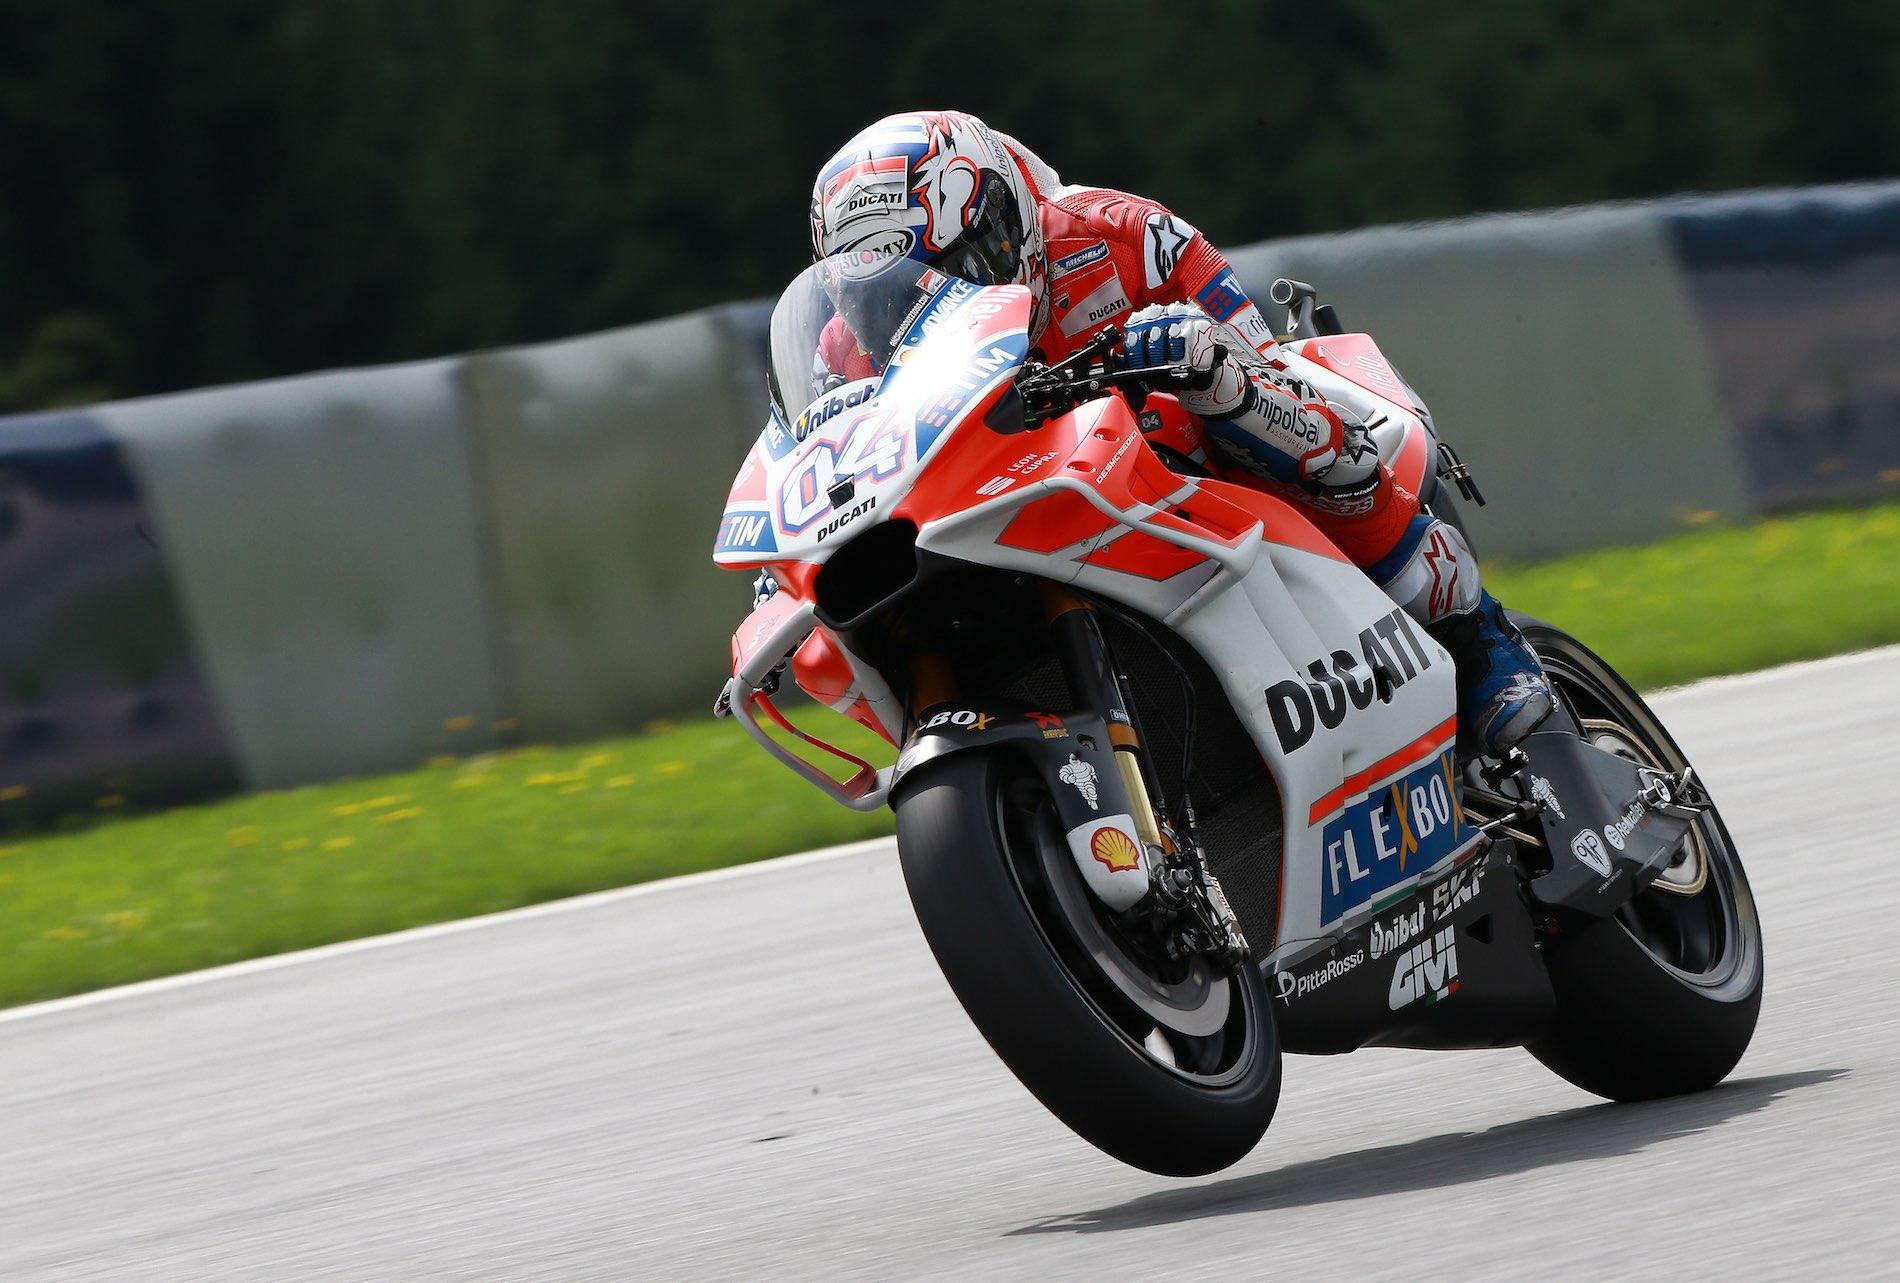 Andrea Dovizioso decide el mayor espectáculo del año de MotoGP